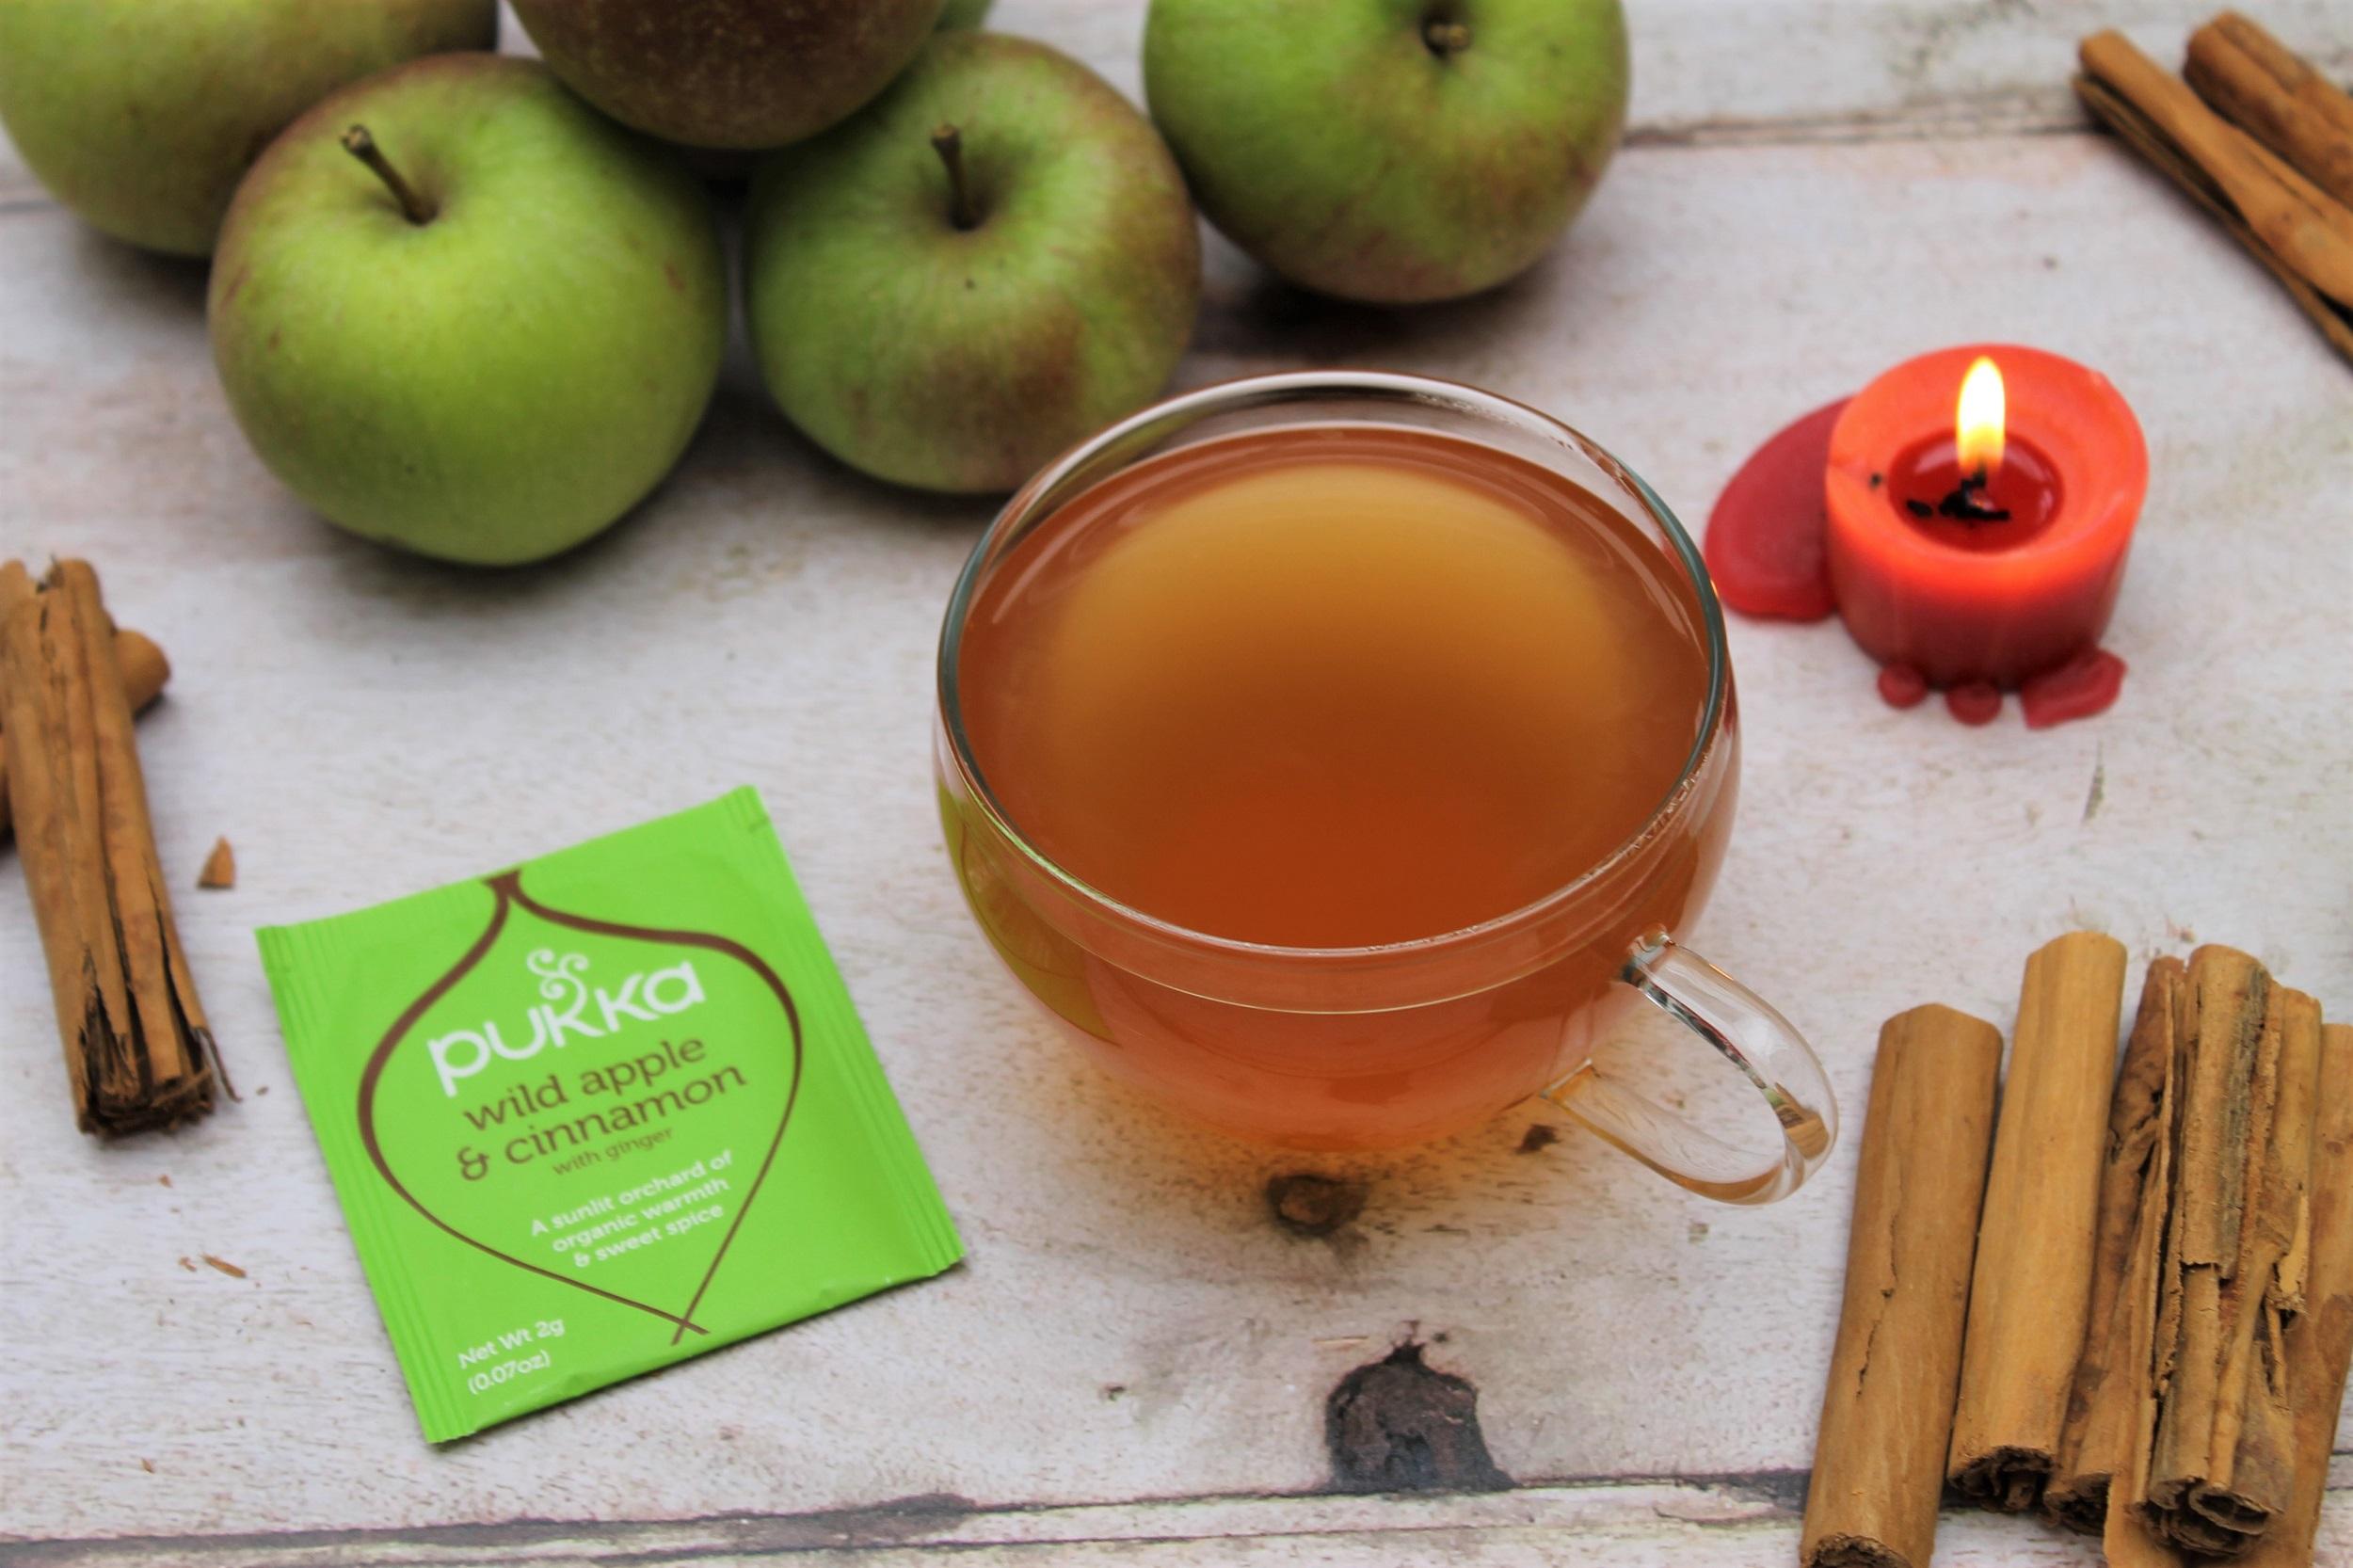 apple and cinnamon tea in teacup